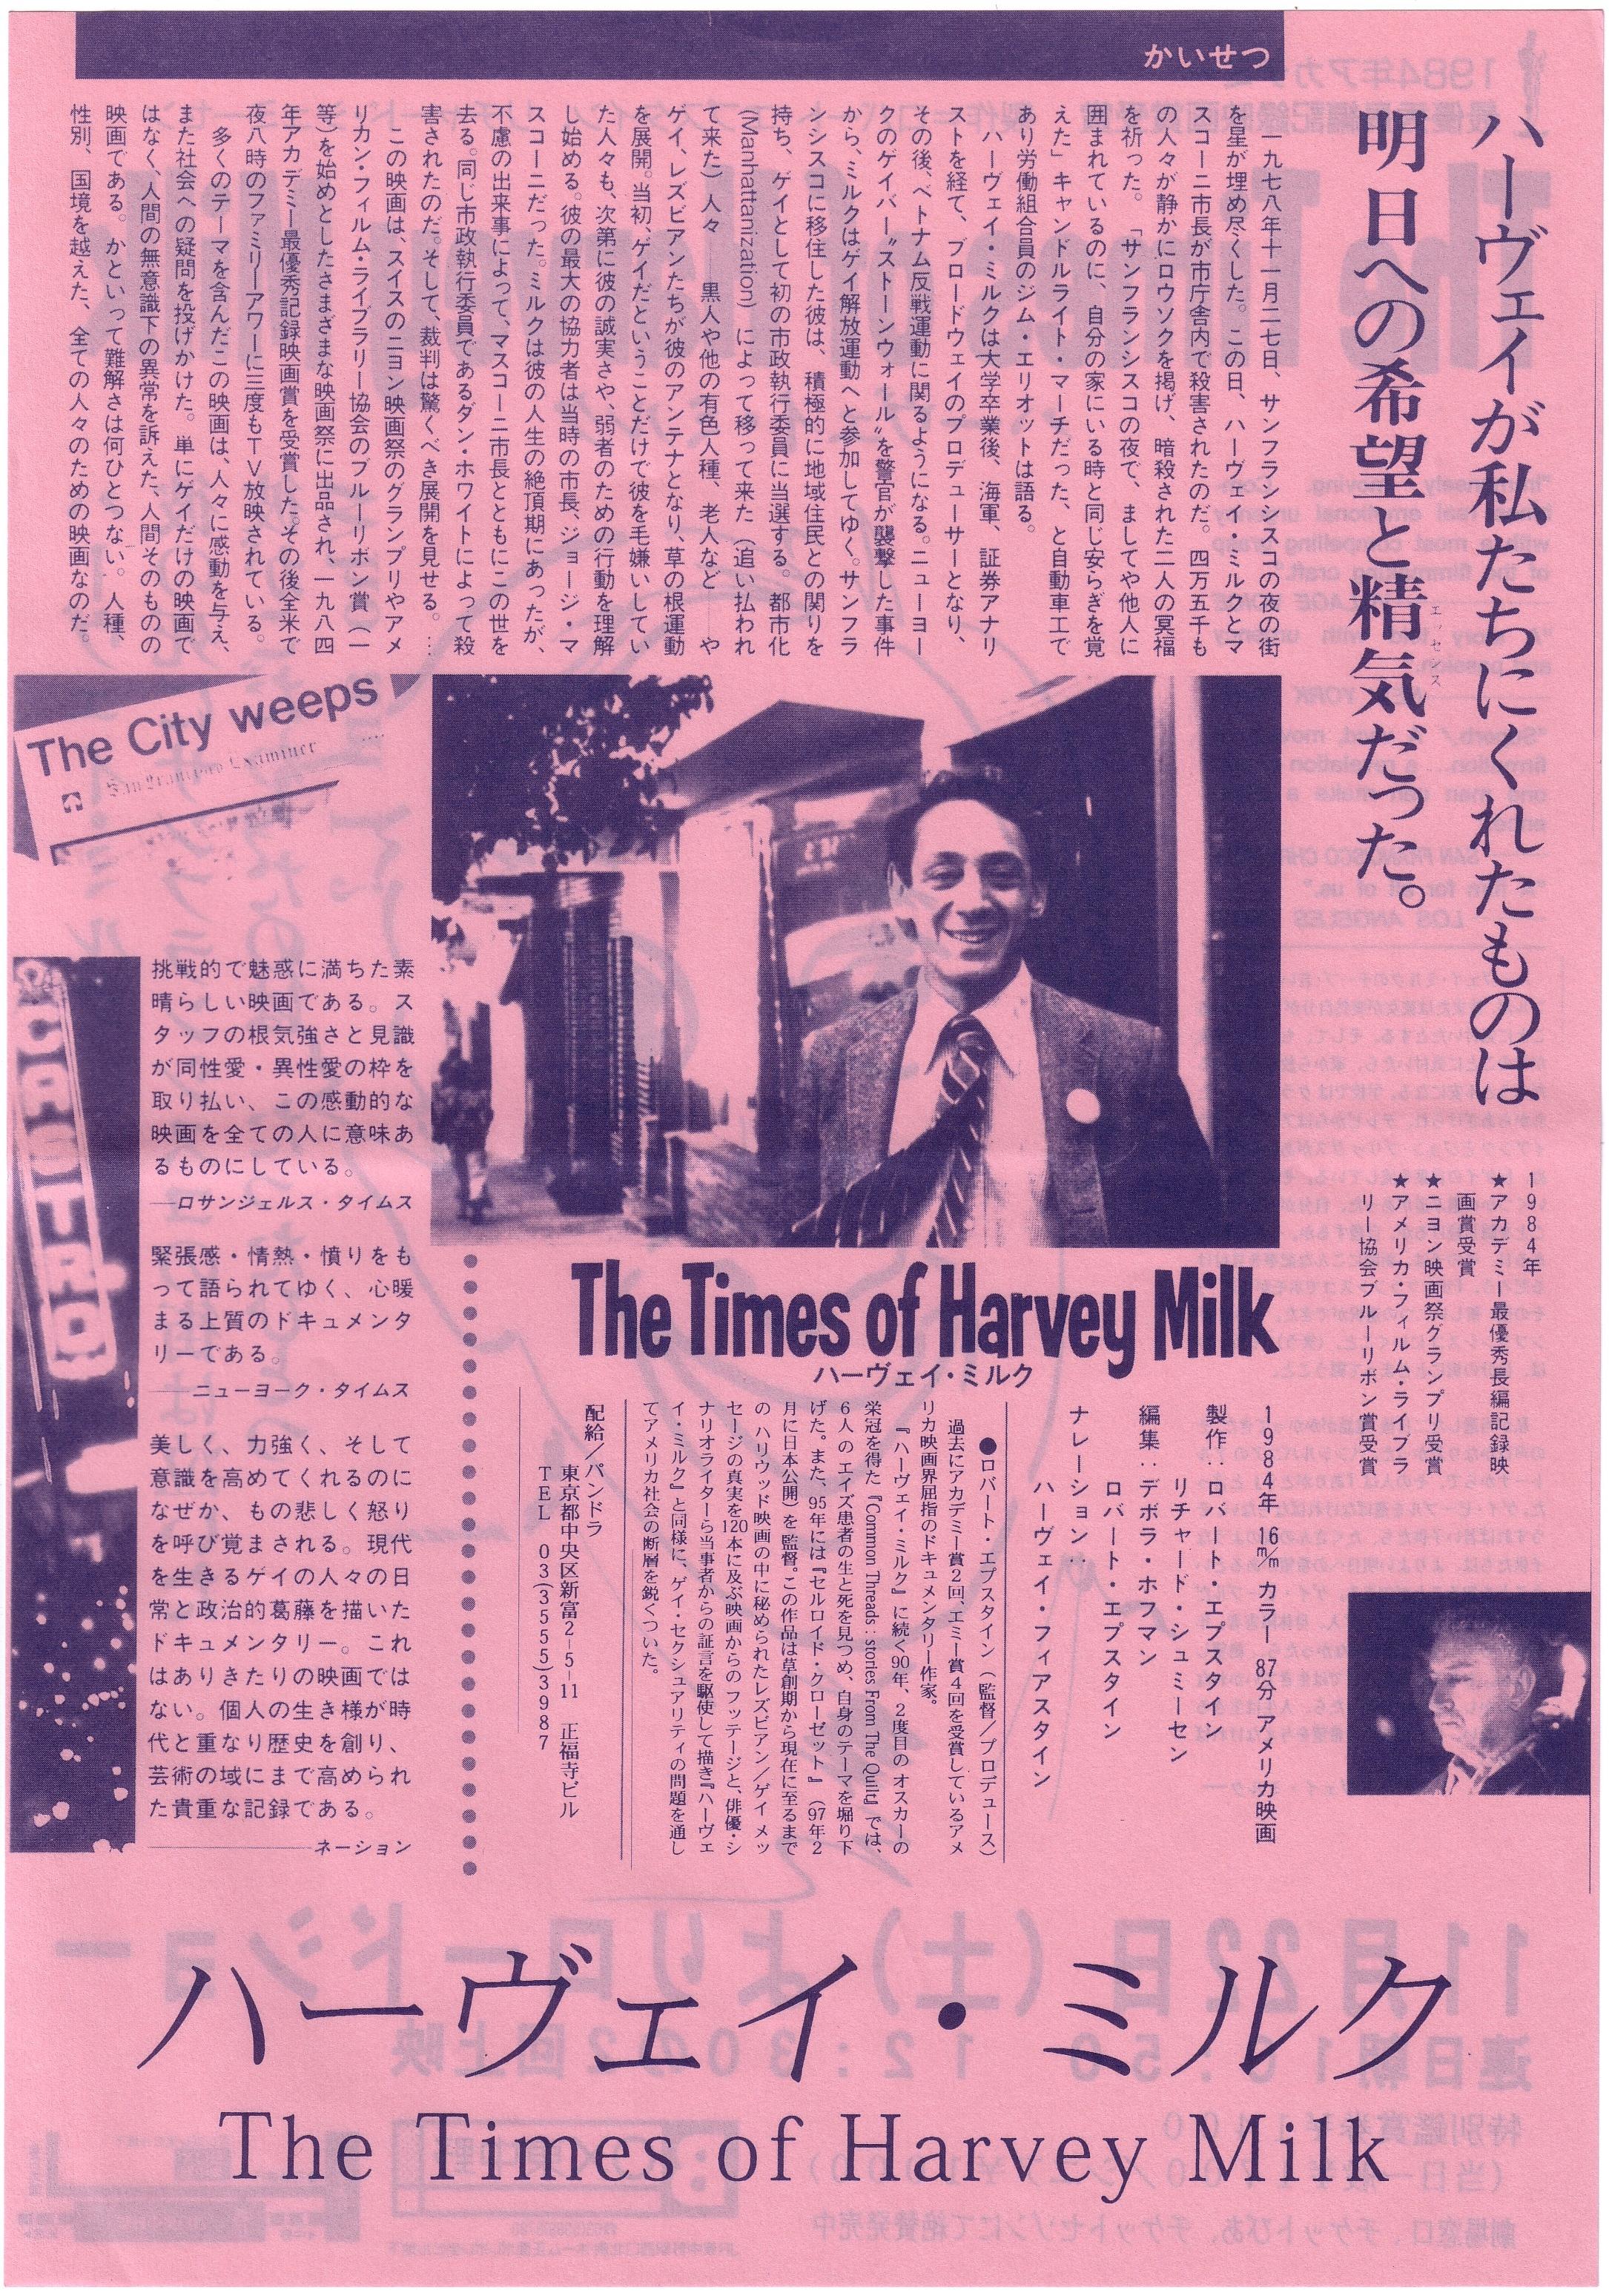 23b. Japanese Release Poster Back.jpg